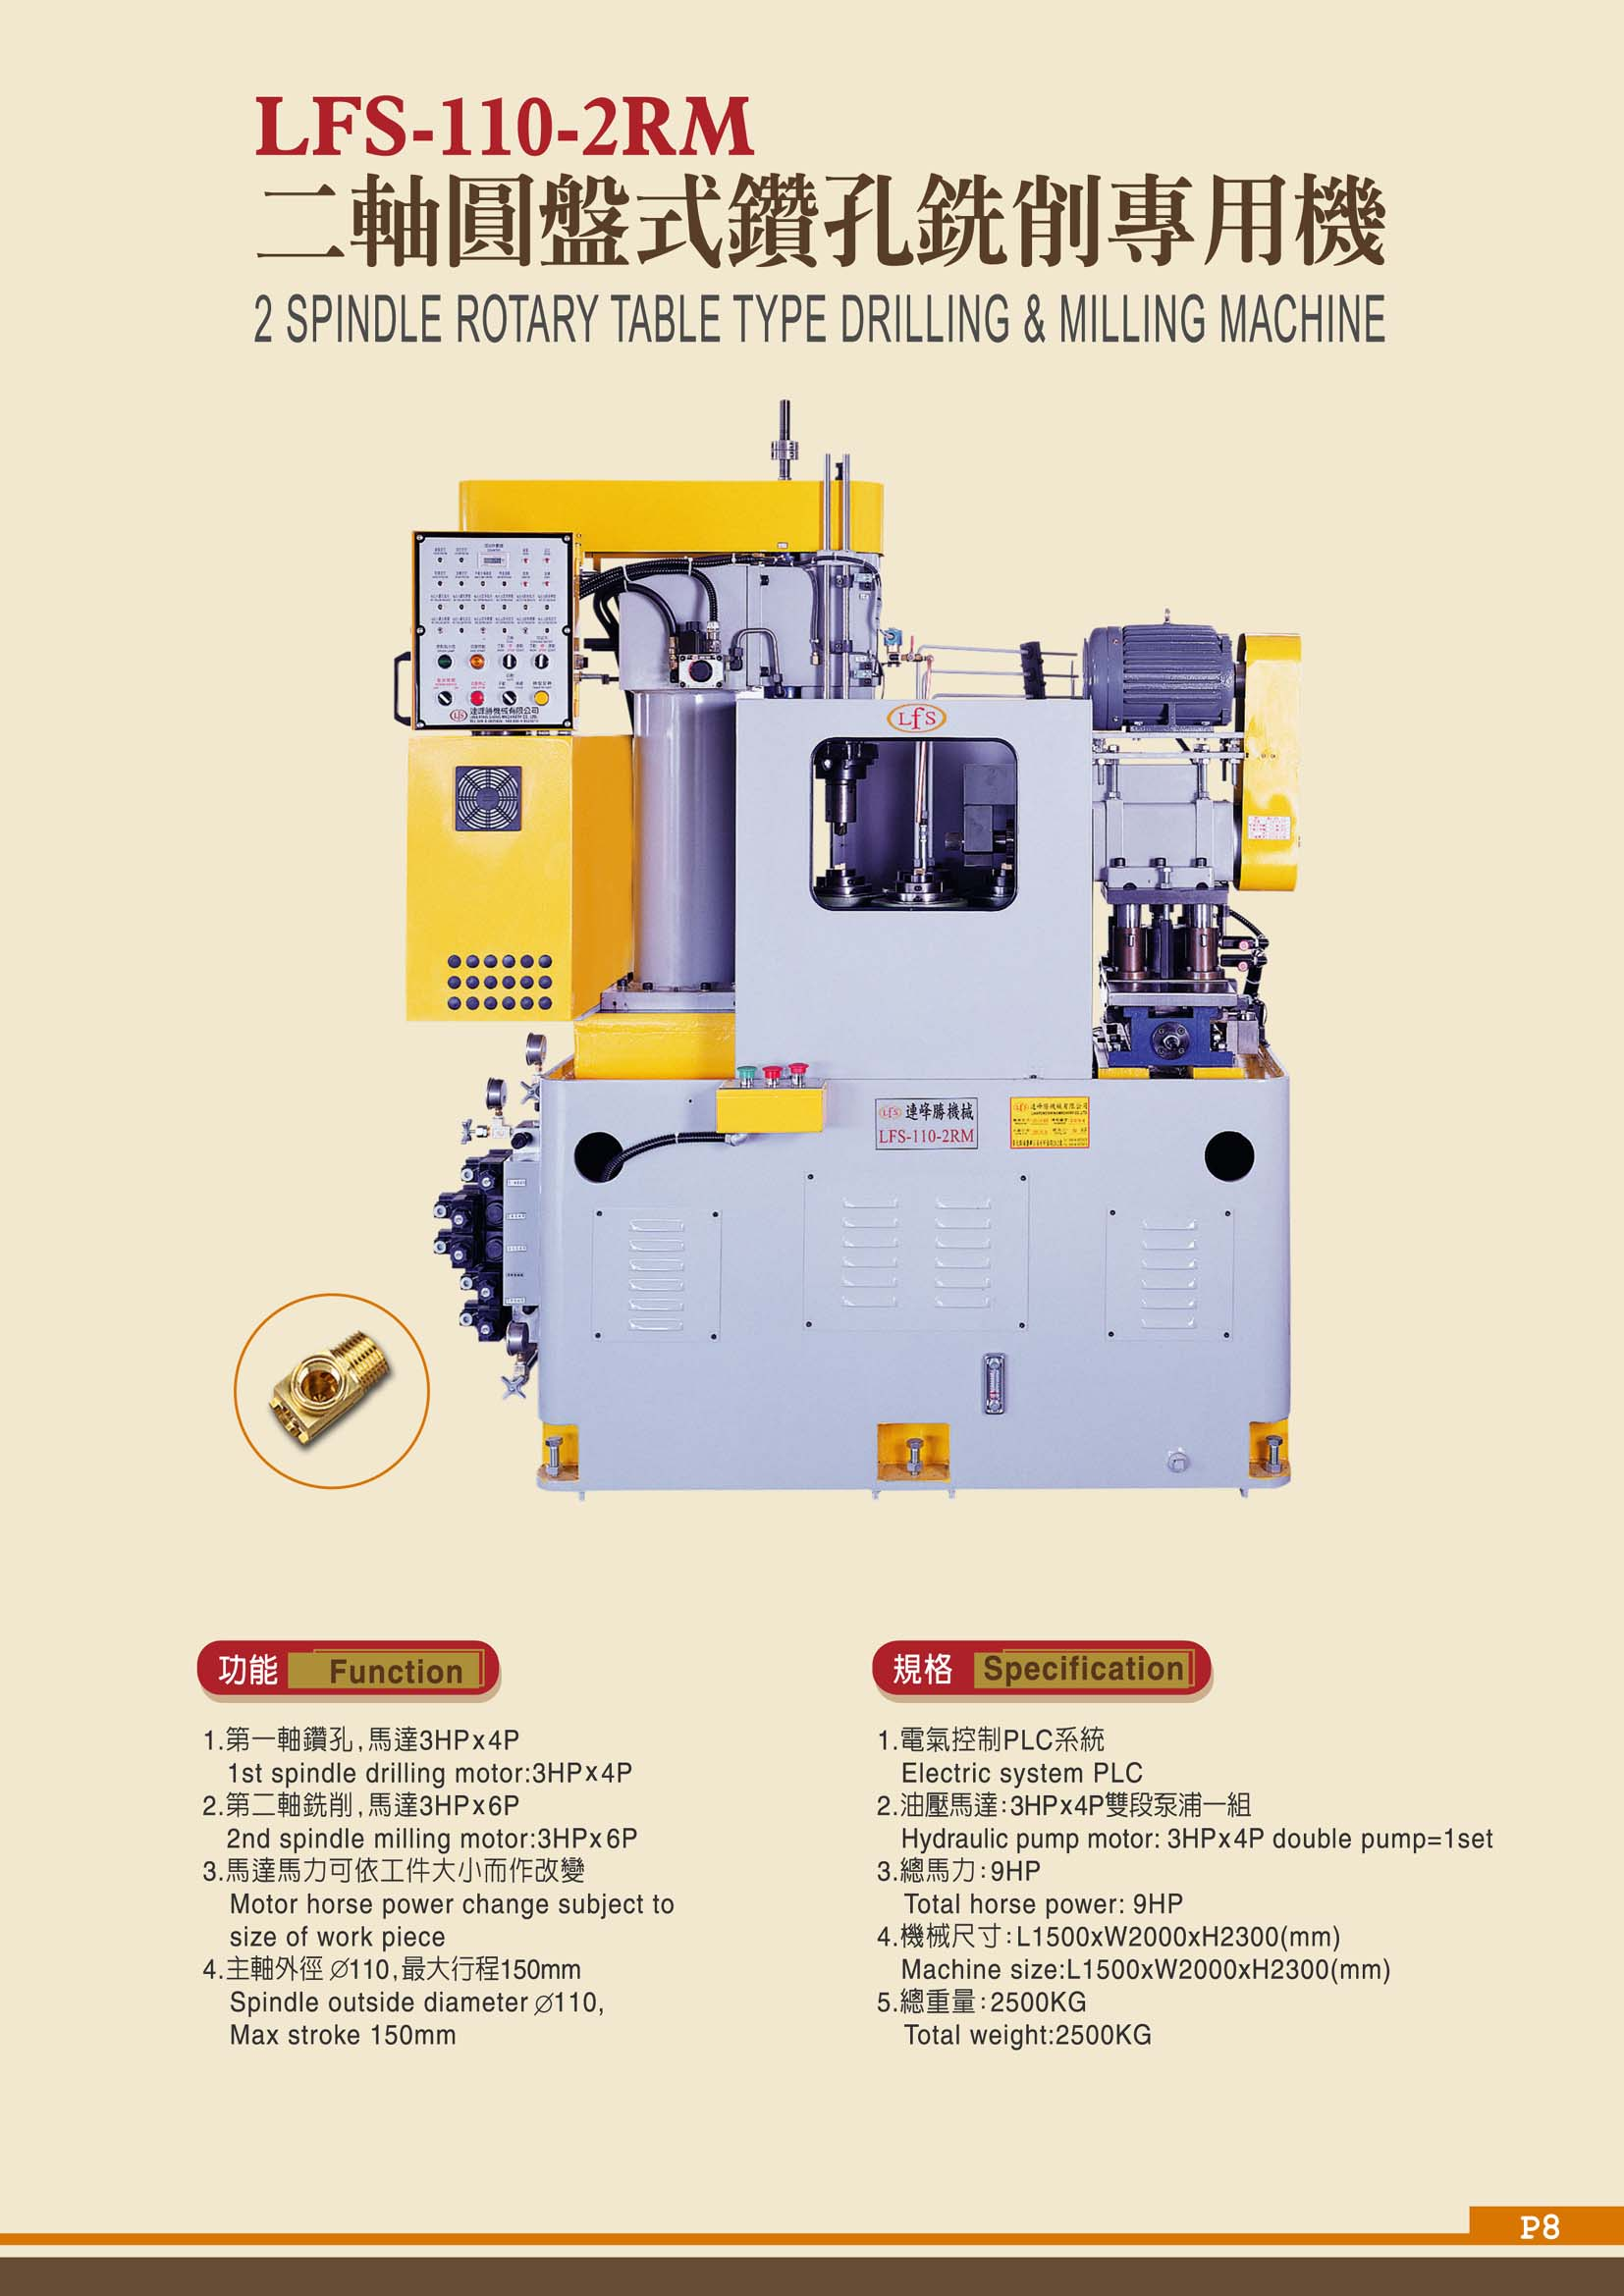 二轴转盘式加工专用机